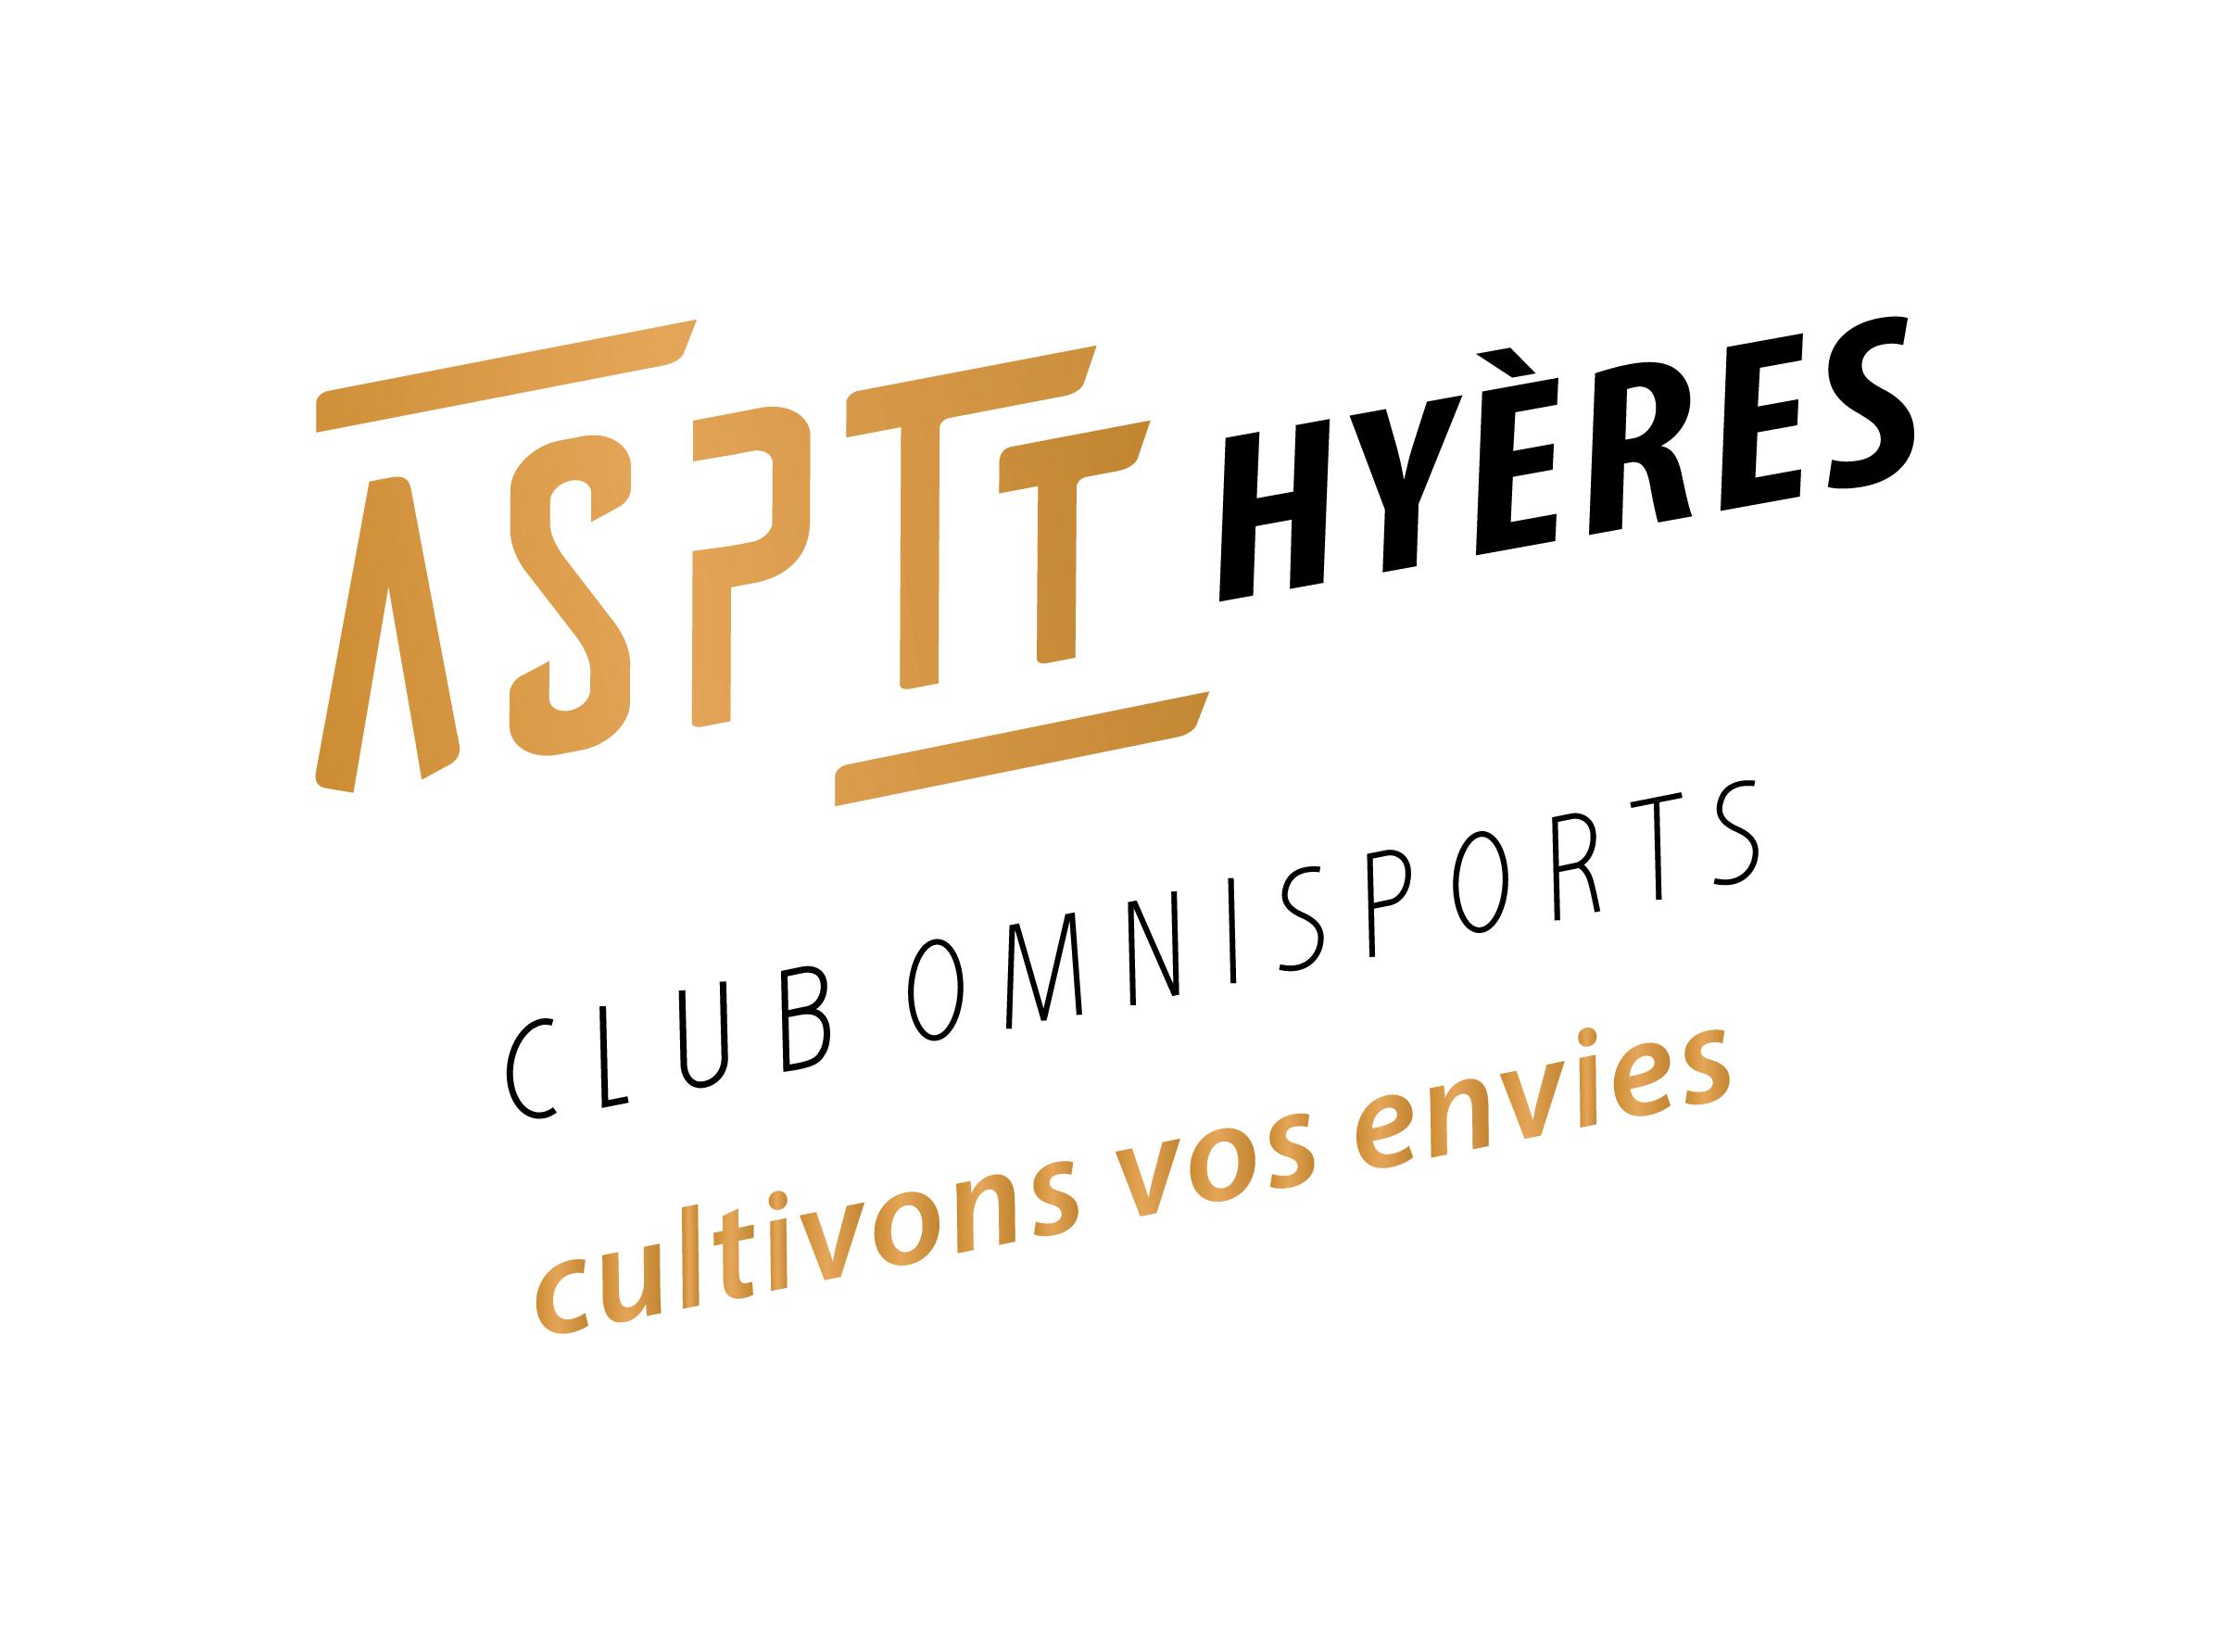 Club omnisports ouvert à tous - 25 activités